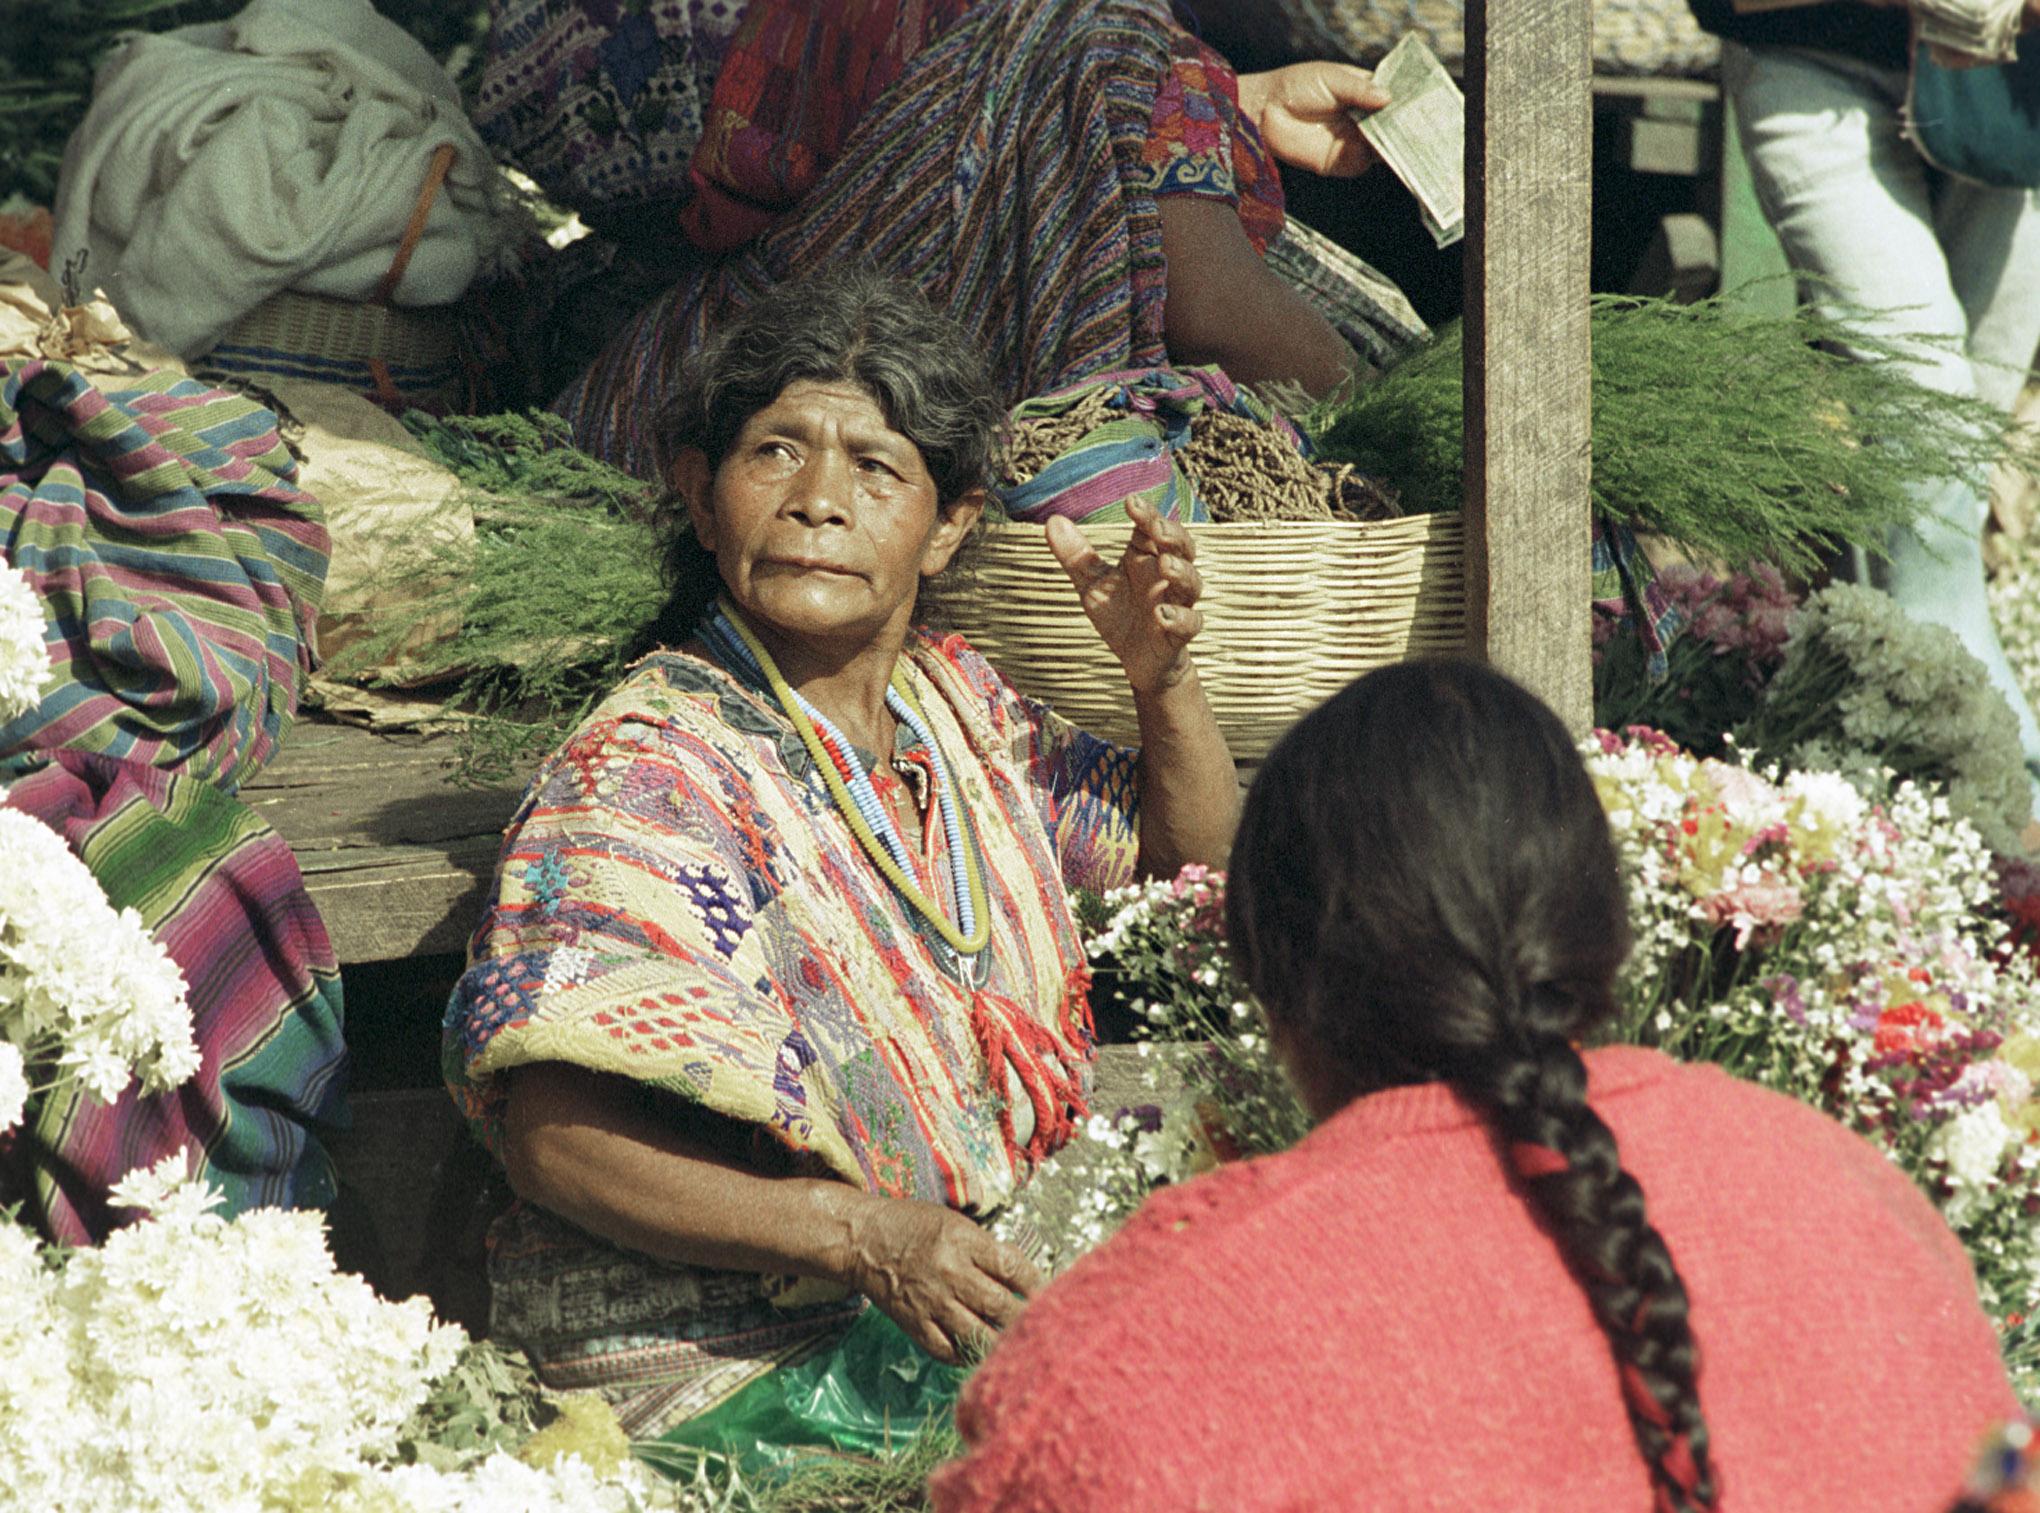 Guatemalans - 4c